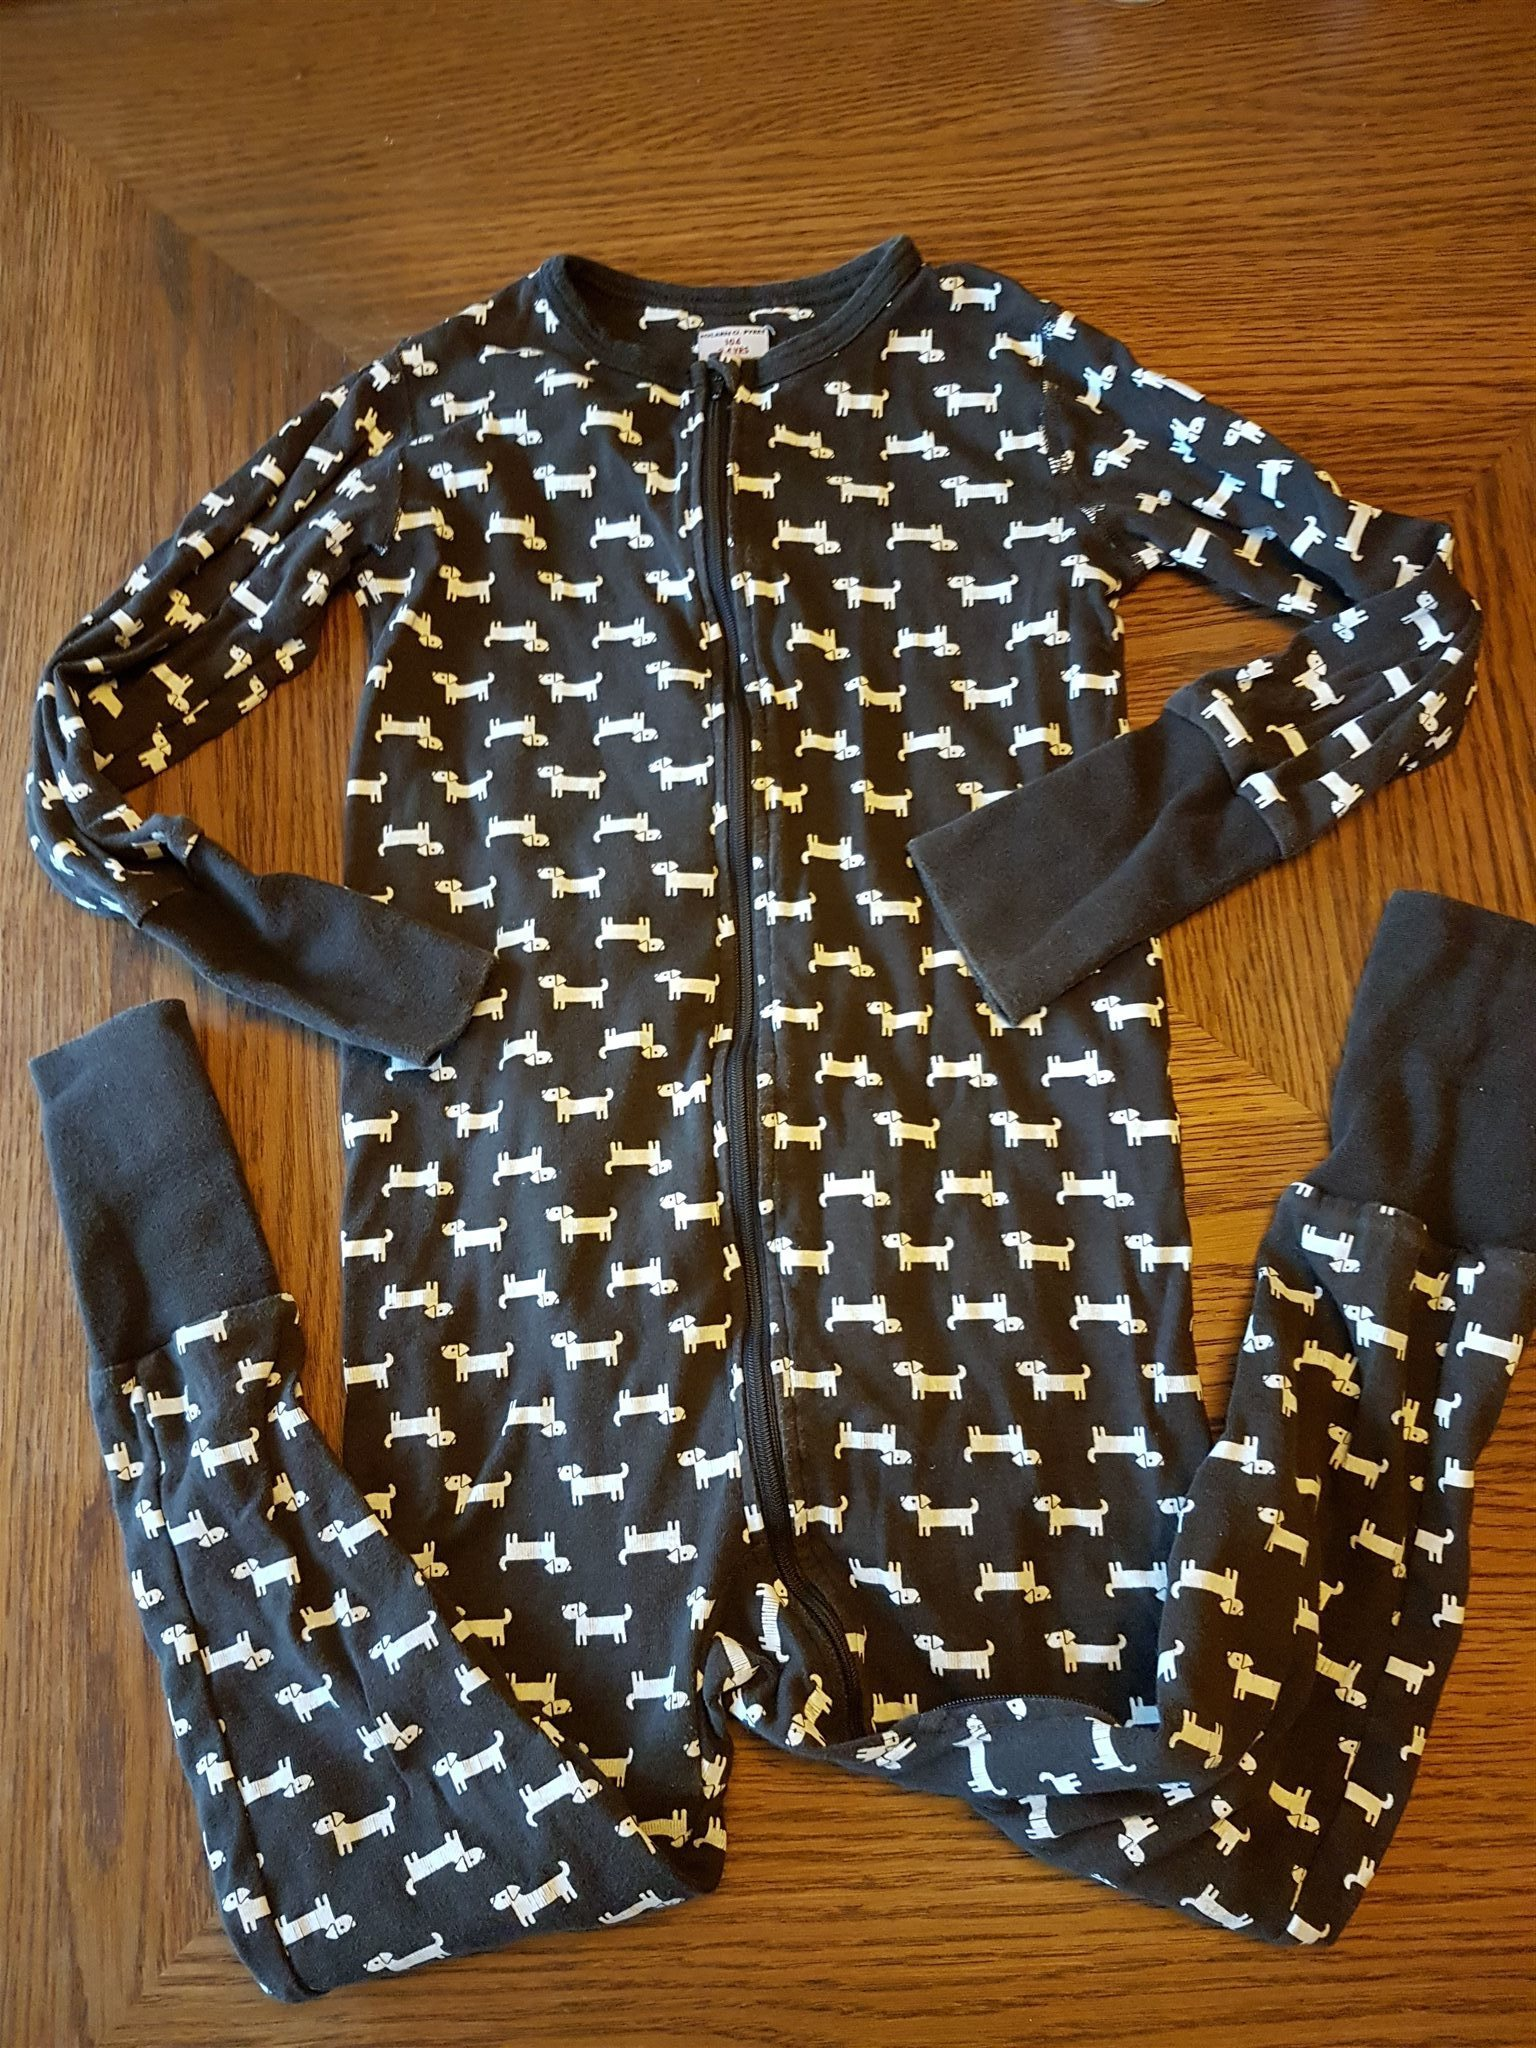 Pyjamas från Polarn och pyret i strl 104 med söta hundar på. Brun och vit fa5f23496d773